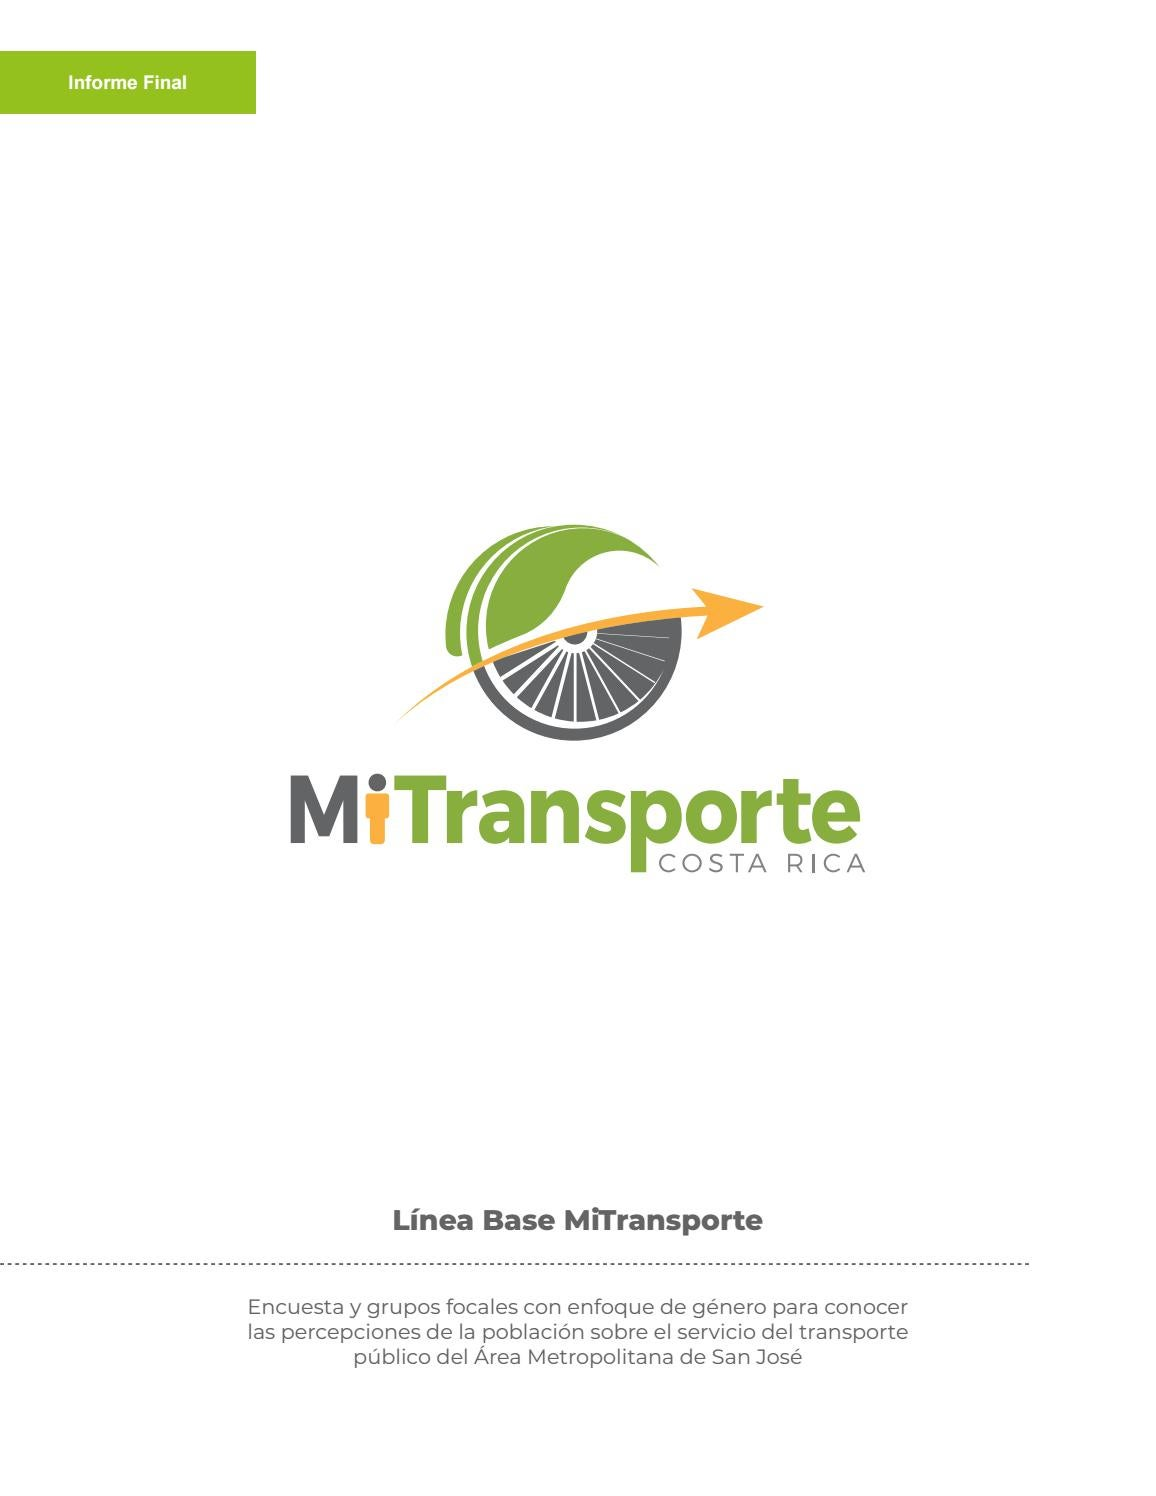 Estudio Para Conocer La Percepción Sobre El Transporte